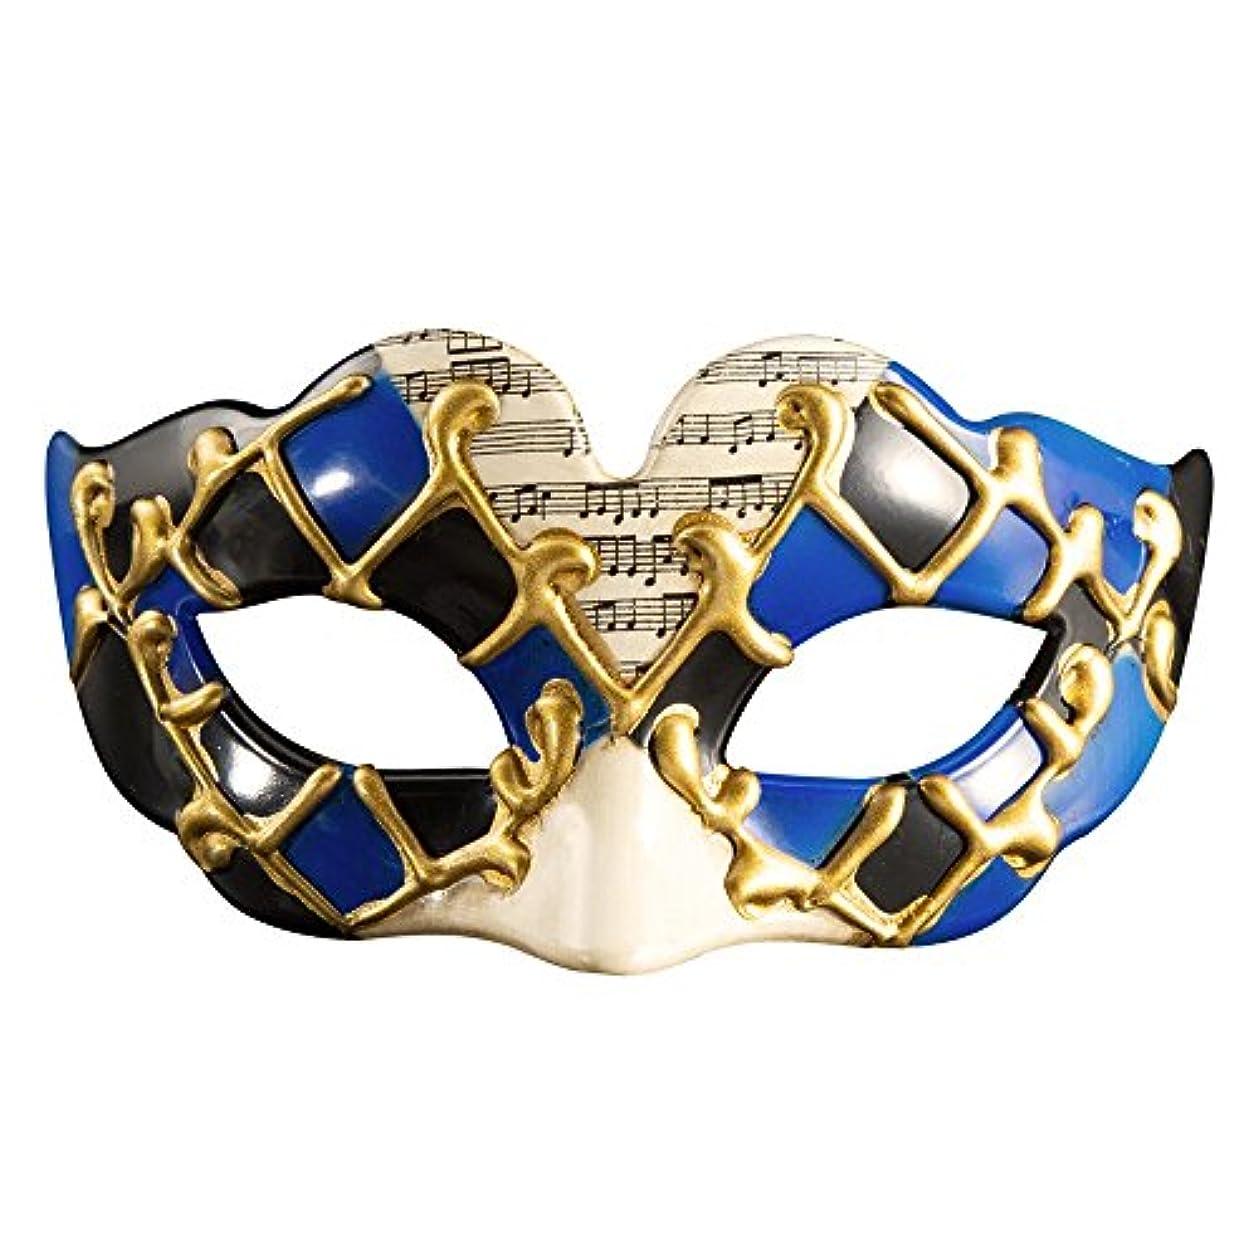 宿命耐えられない積極的にクリエイティブ子供の半分の顔ハロウィーンマスクパーティー新しいファンシードレスボールマスク (Color : C)